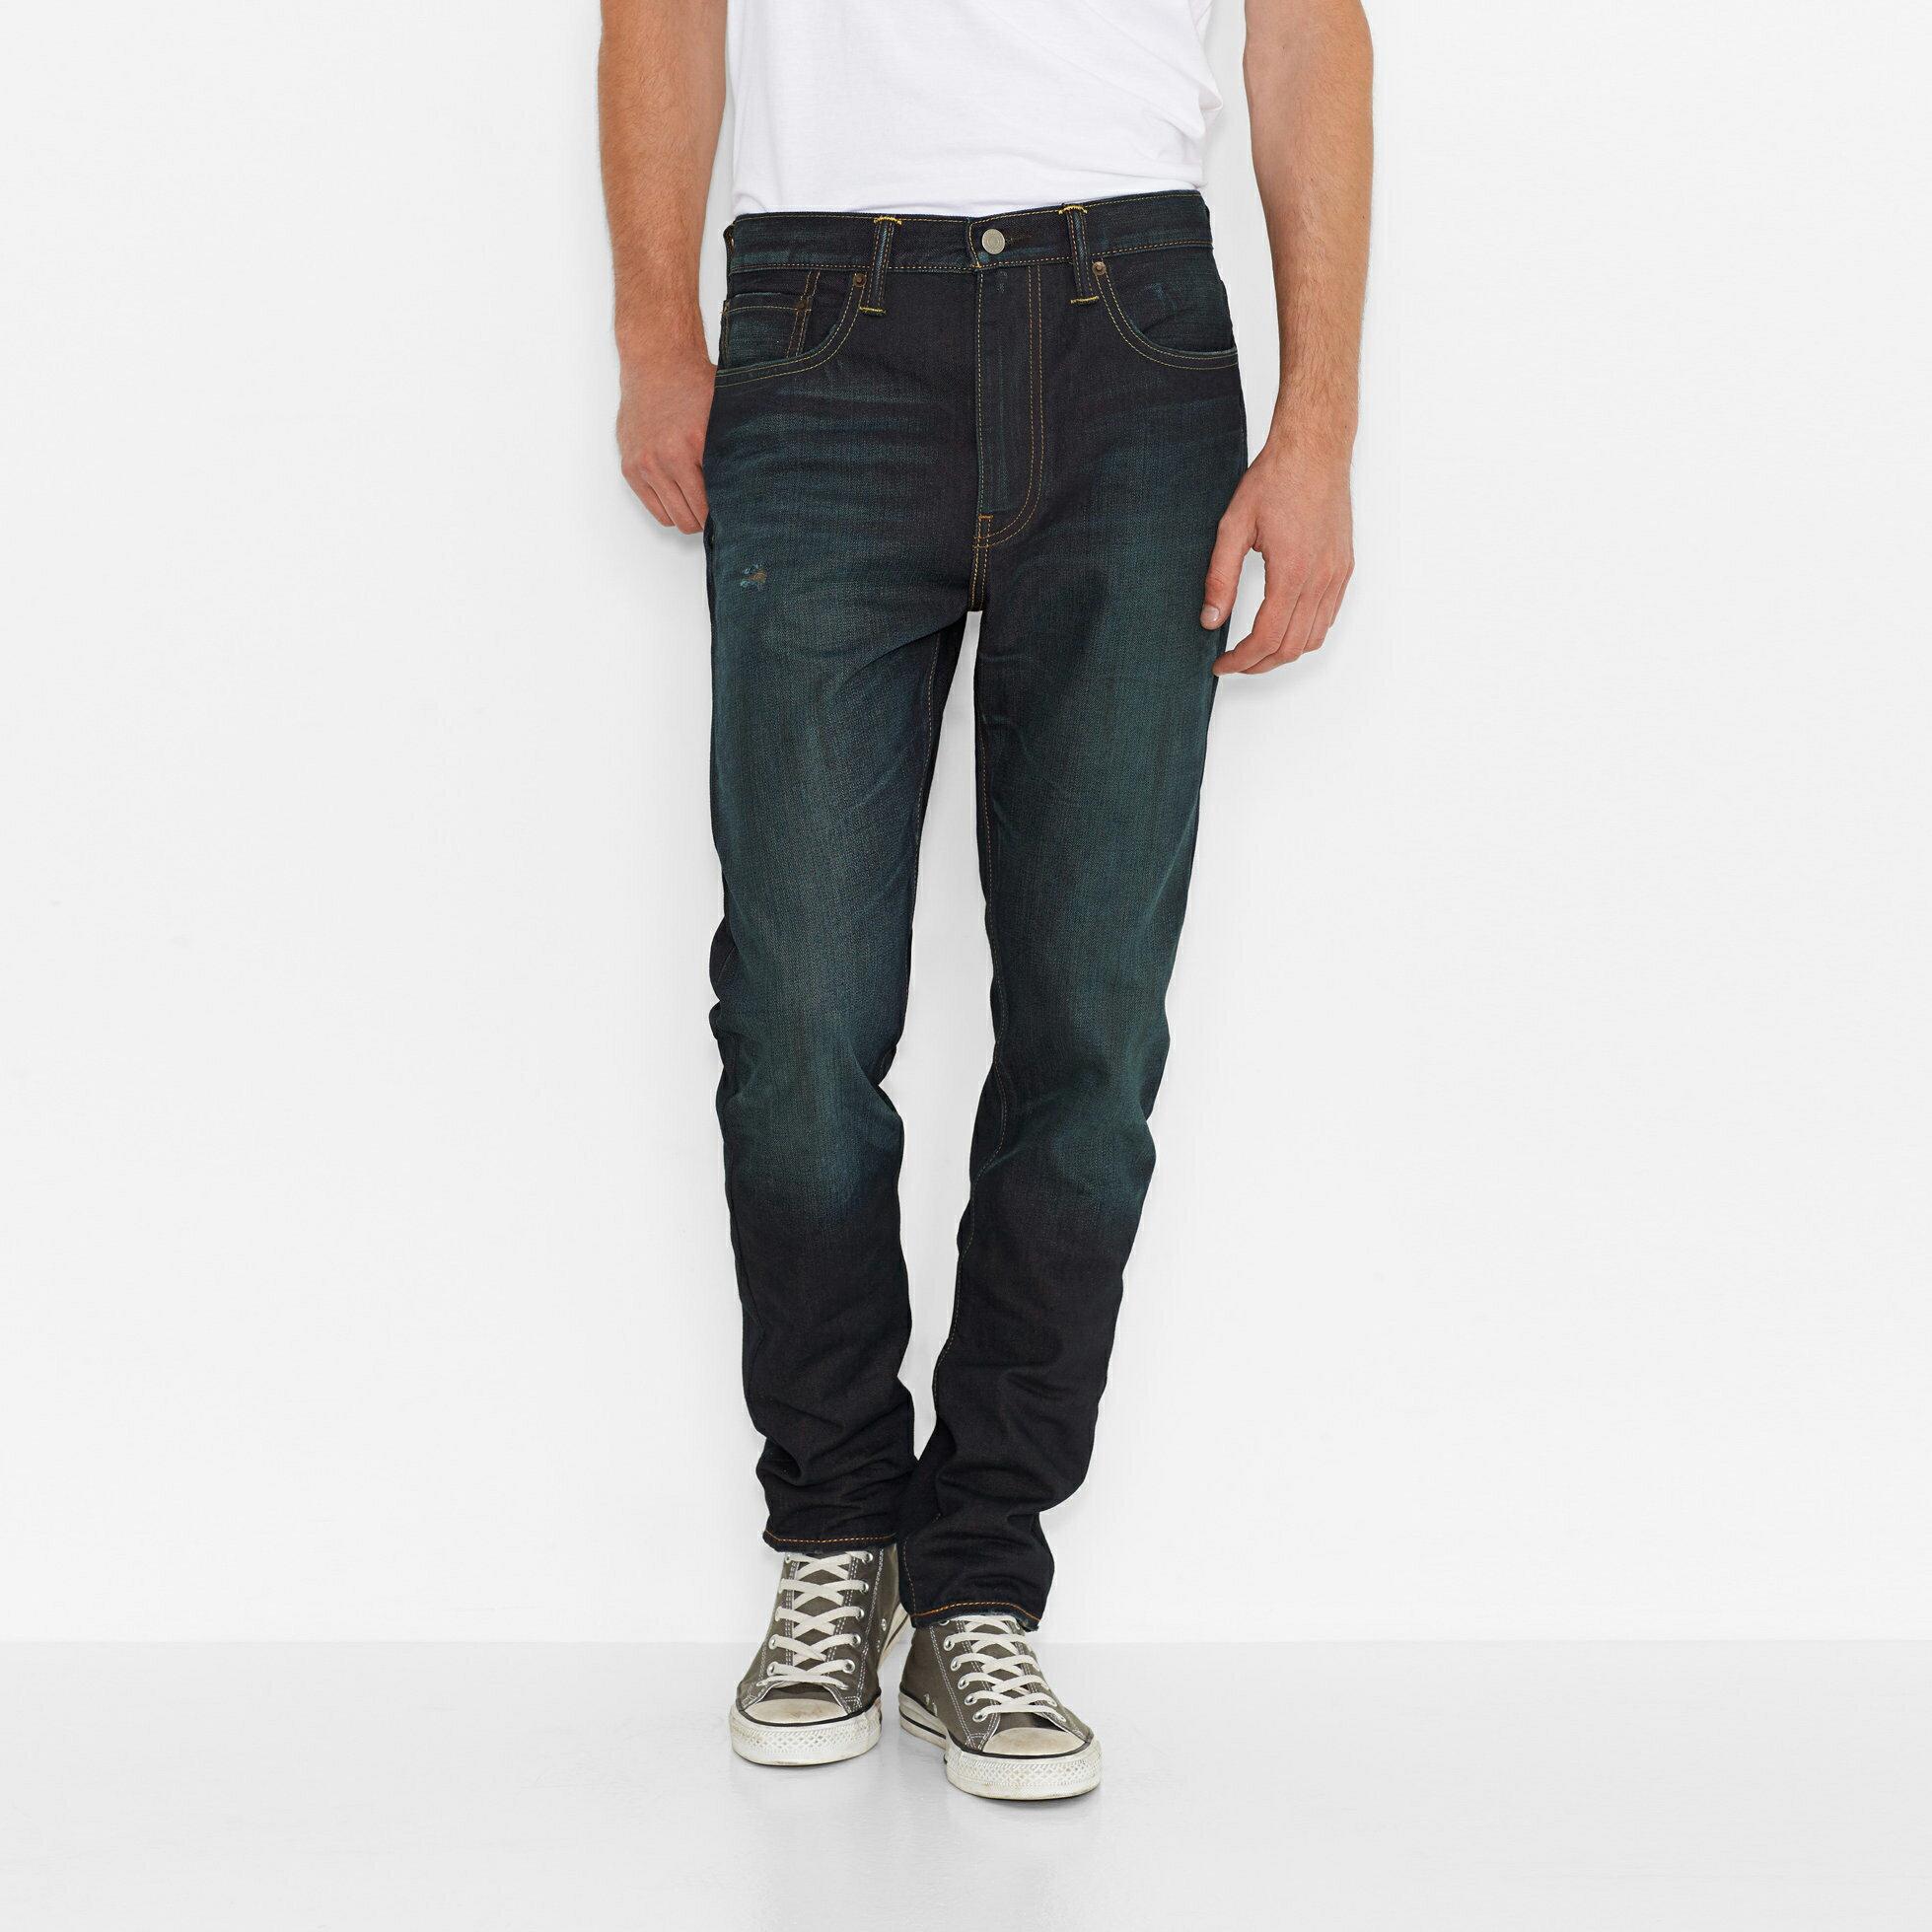 美國百分百【全新真品】Levis 522 Slim Taper 男款 牛仔褲 直筒 合身 28 30腰 復古藍 E949